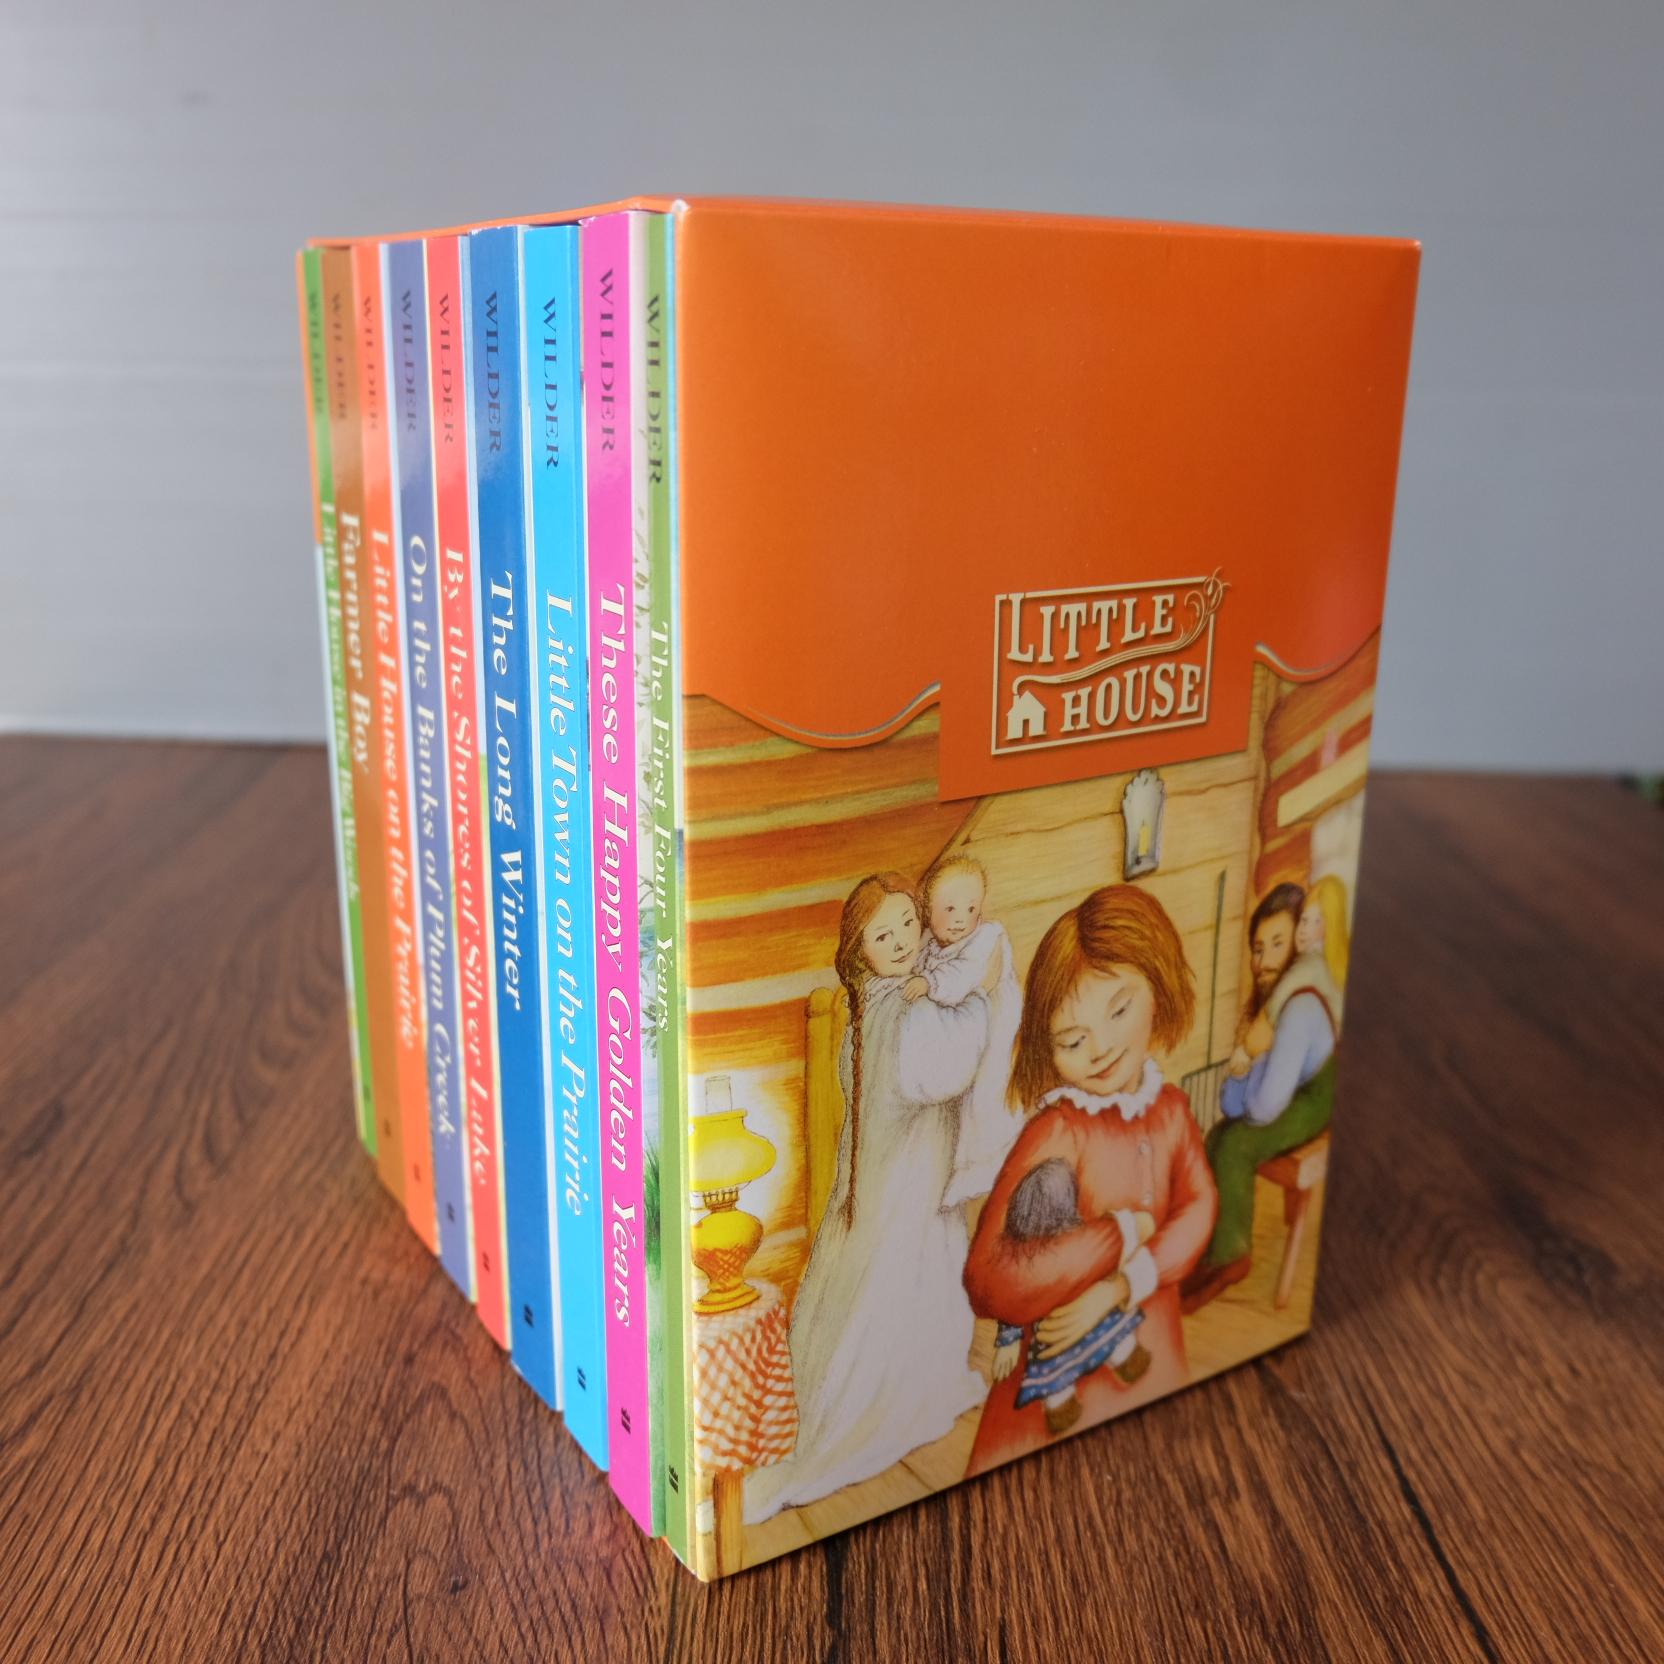 Little house ชุด9เล่ม 2700รวมส่งอีเอมเอส